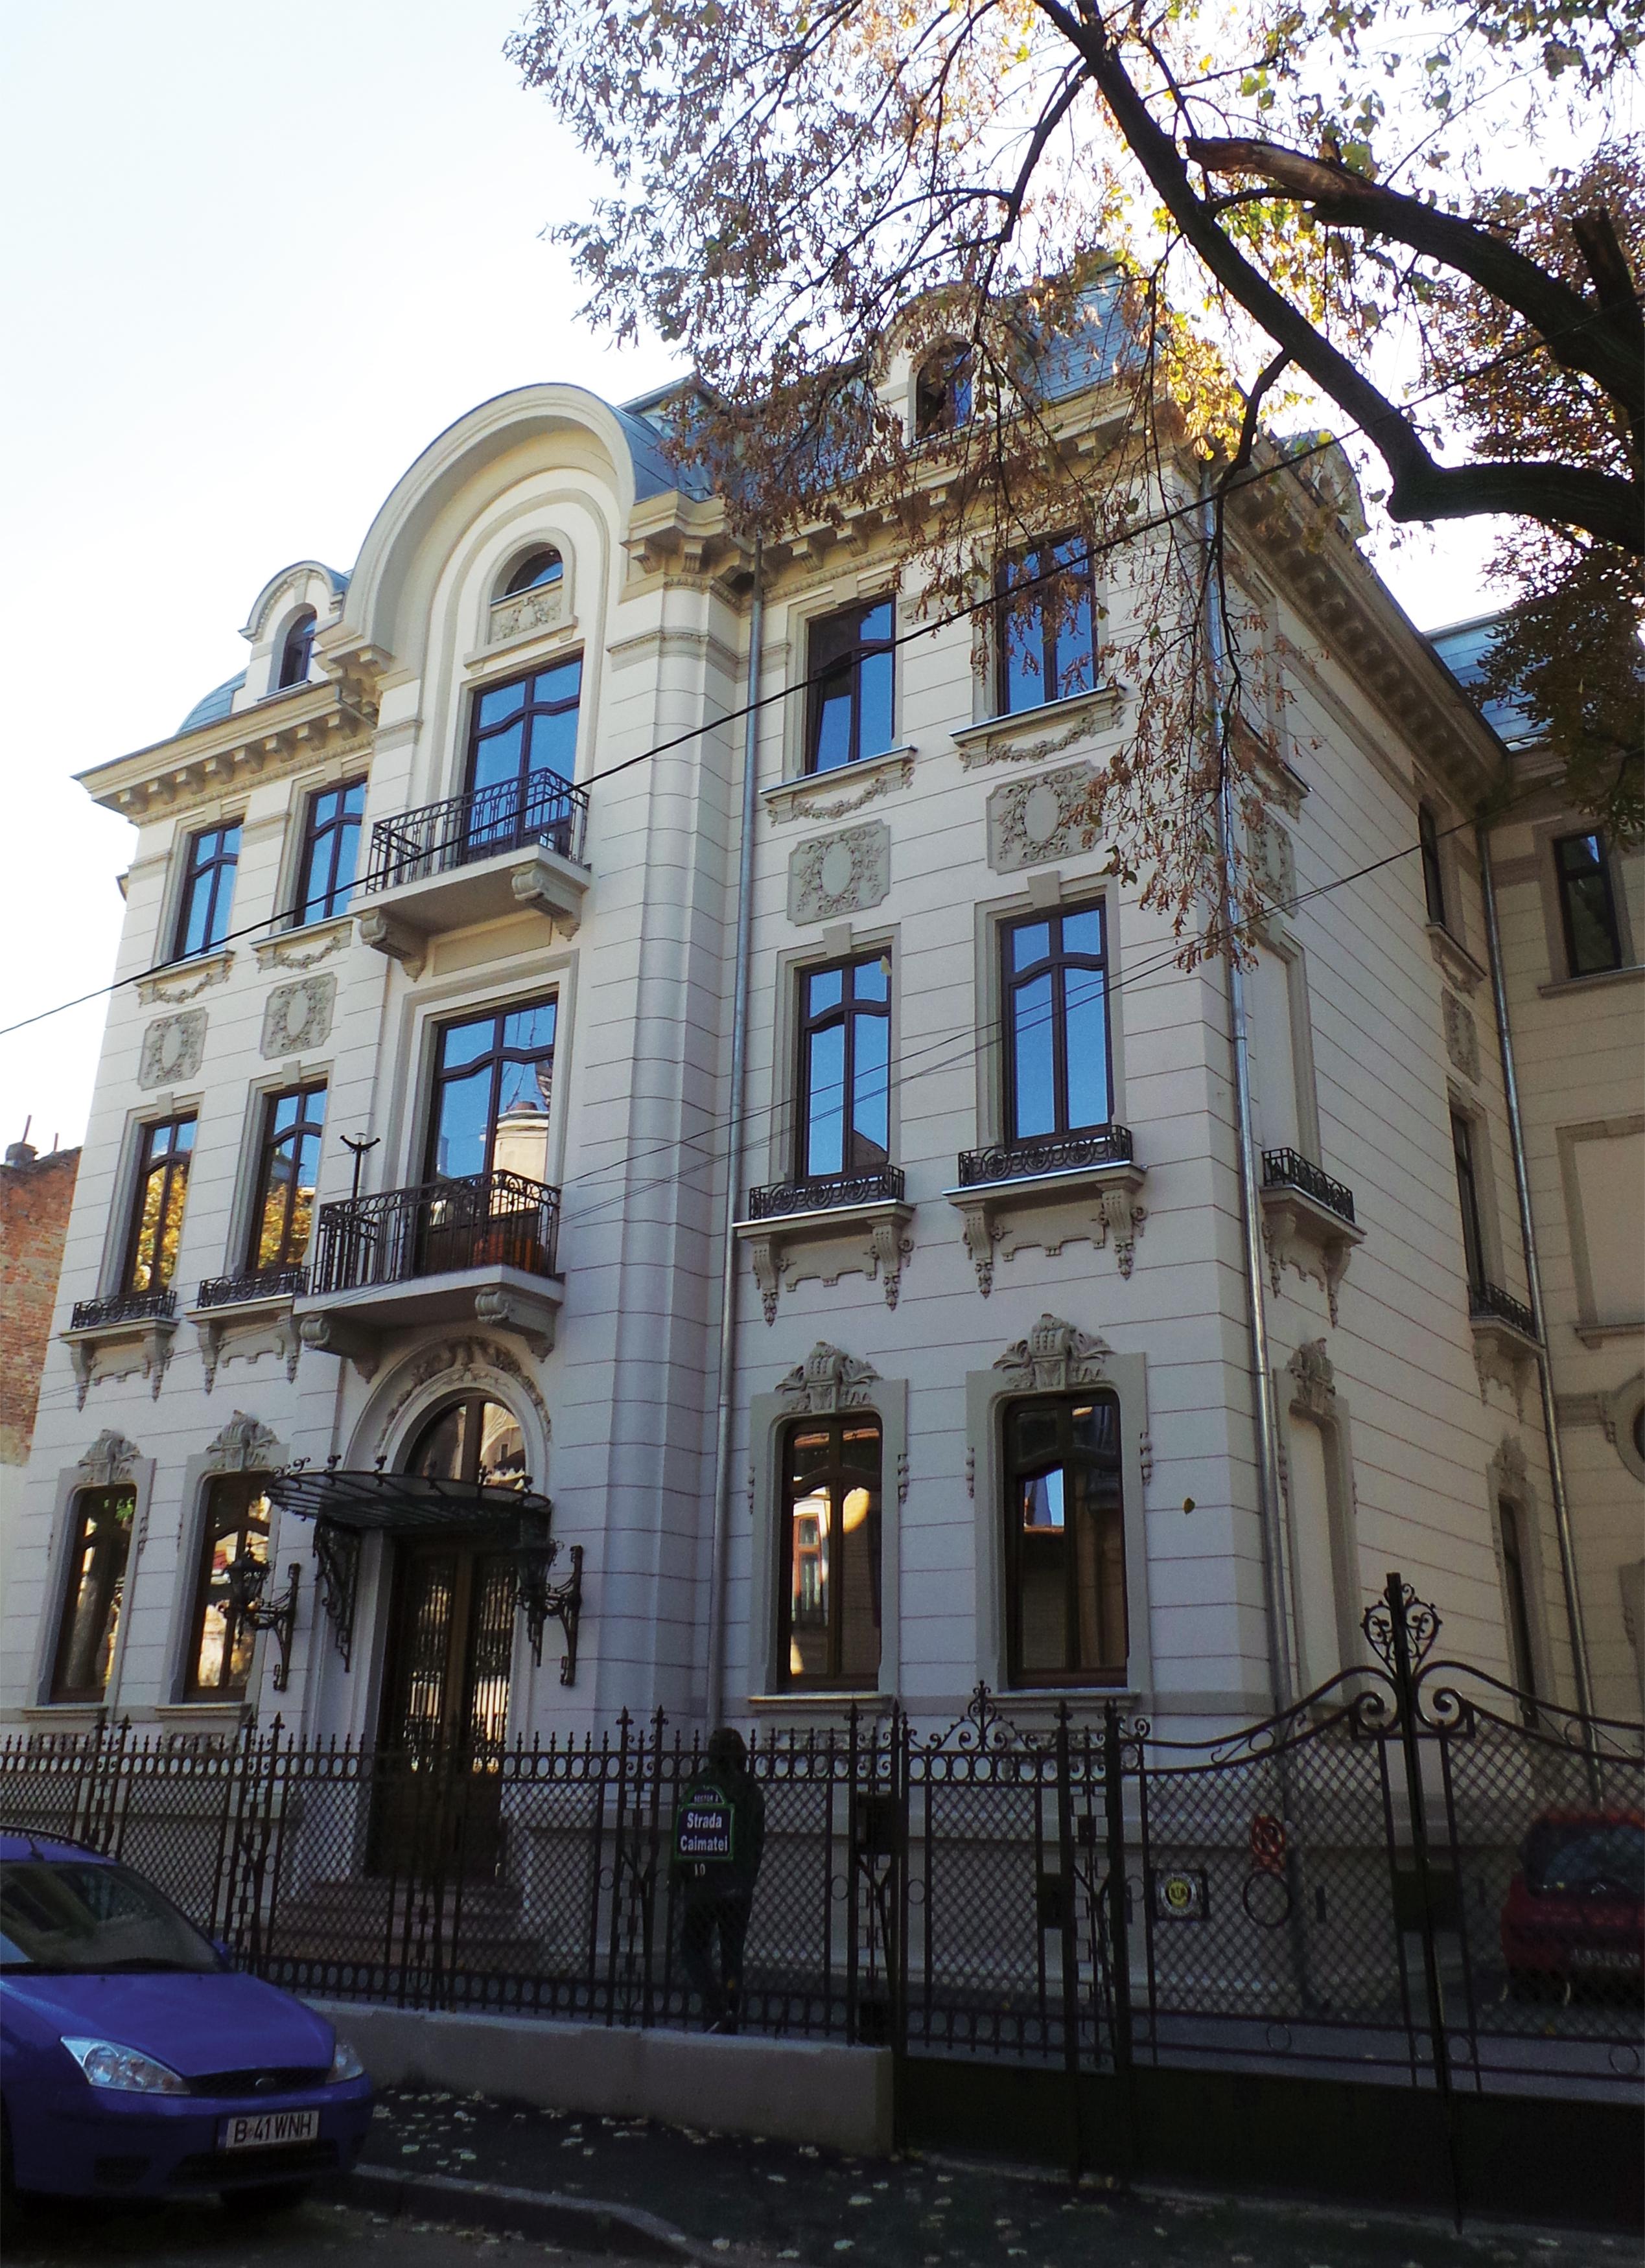 Caimatei 10 - Nominalizarile pentru Premiile Romanian Building Awards - premii de recunoastere publica a excelentei in proiectarea si executia spatiului construit din Romania